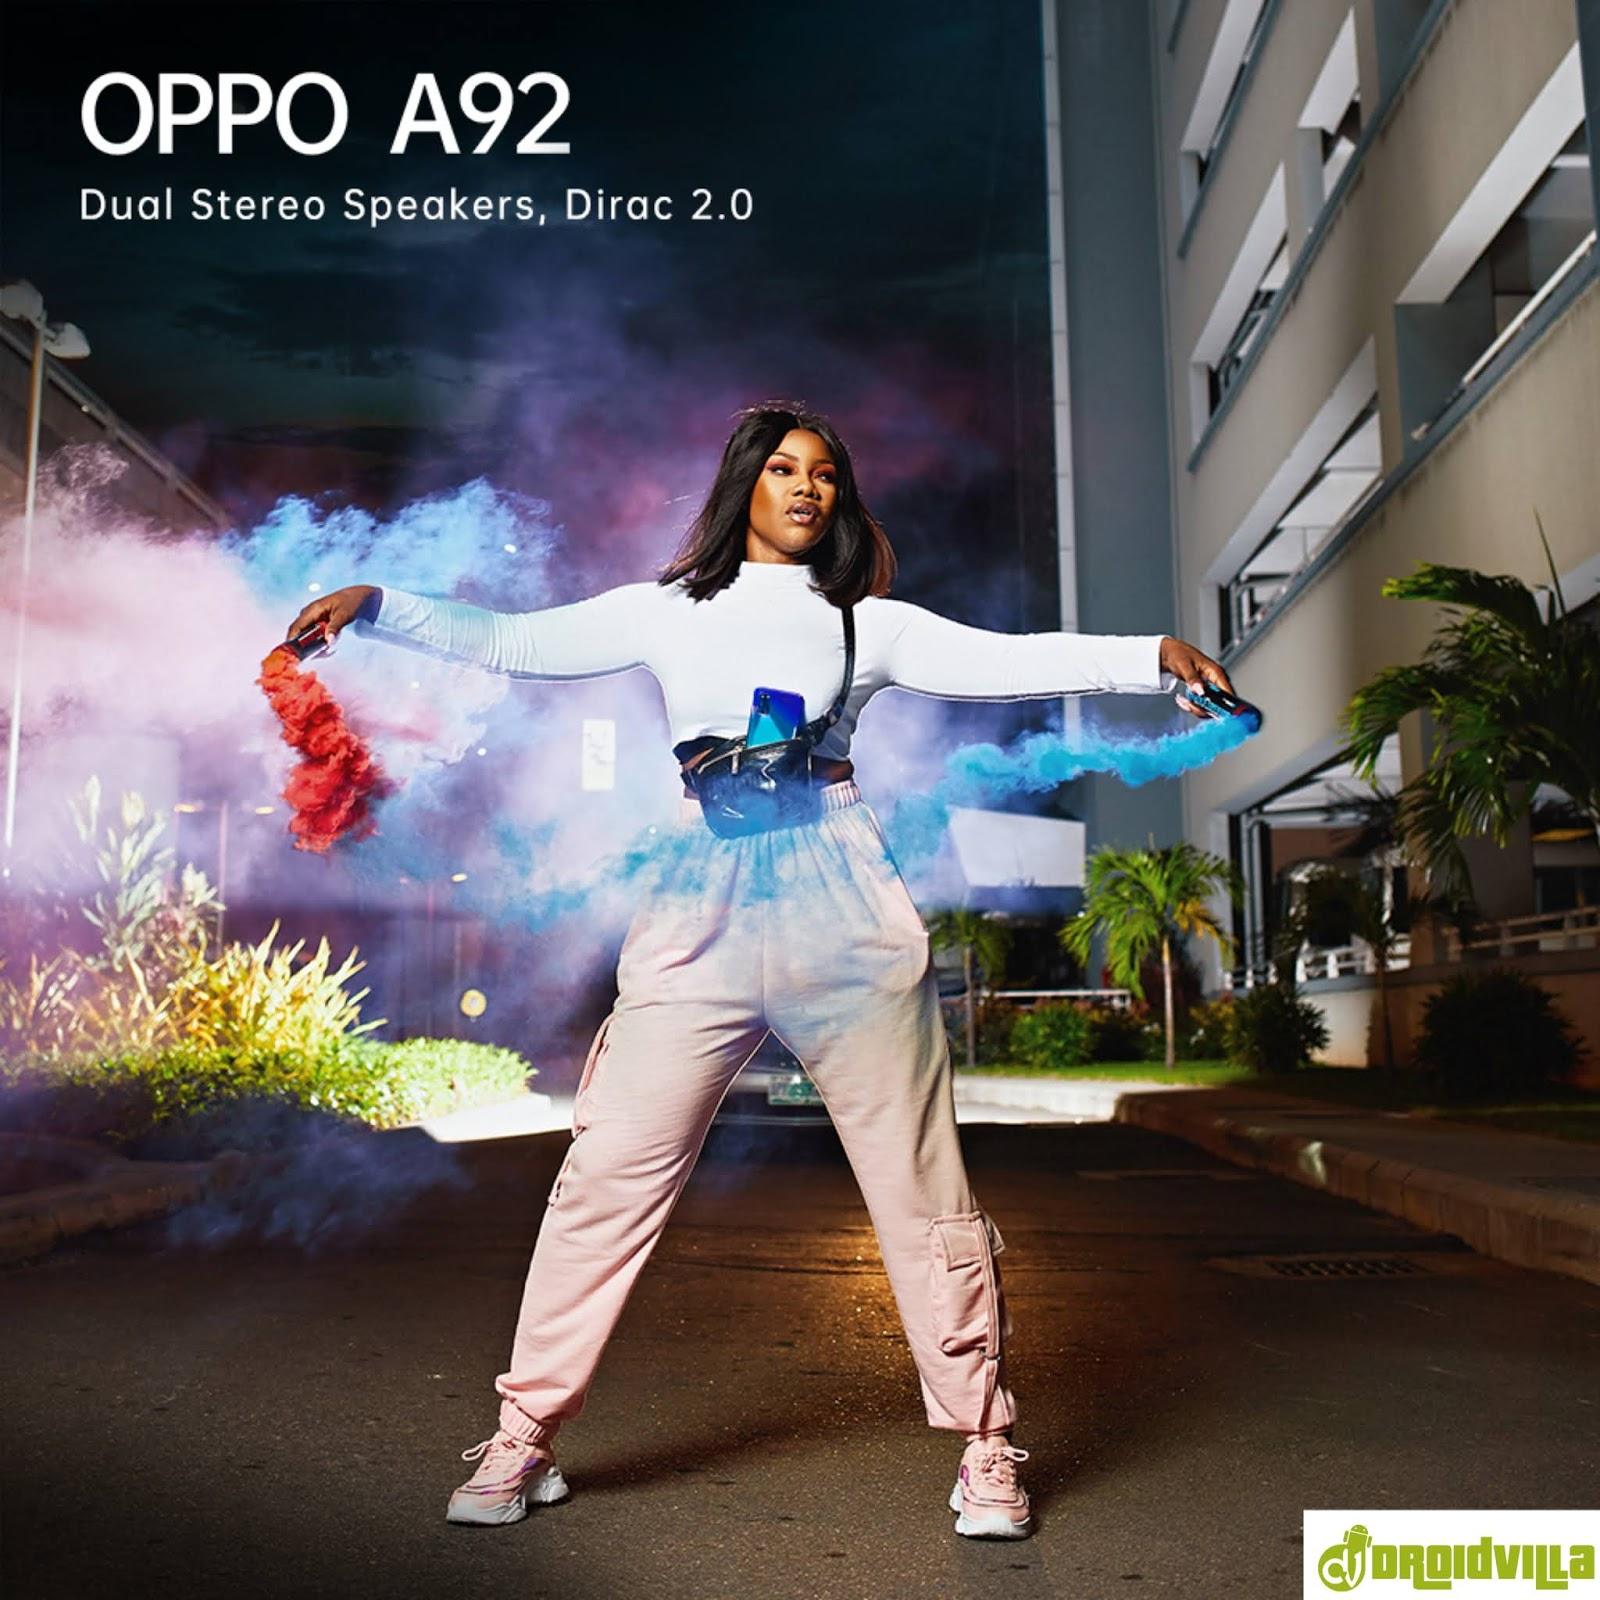 Oppo A92 price in Nigeria